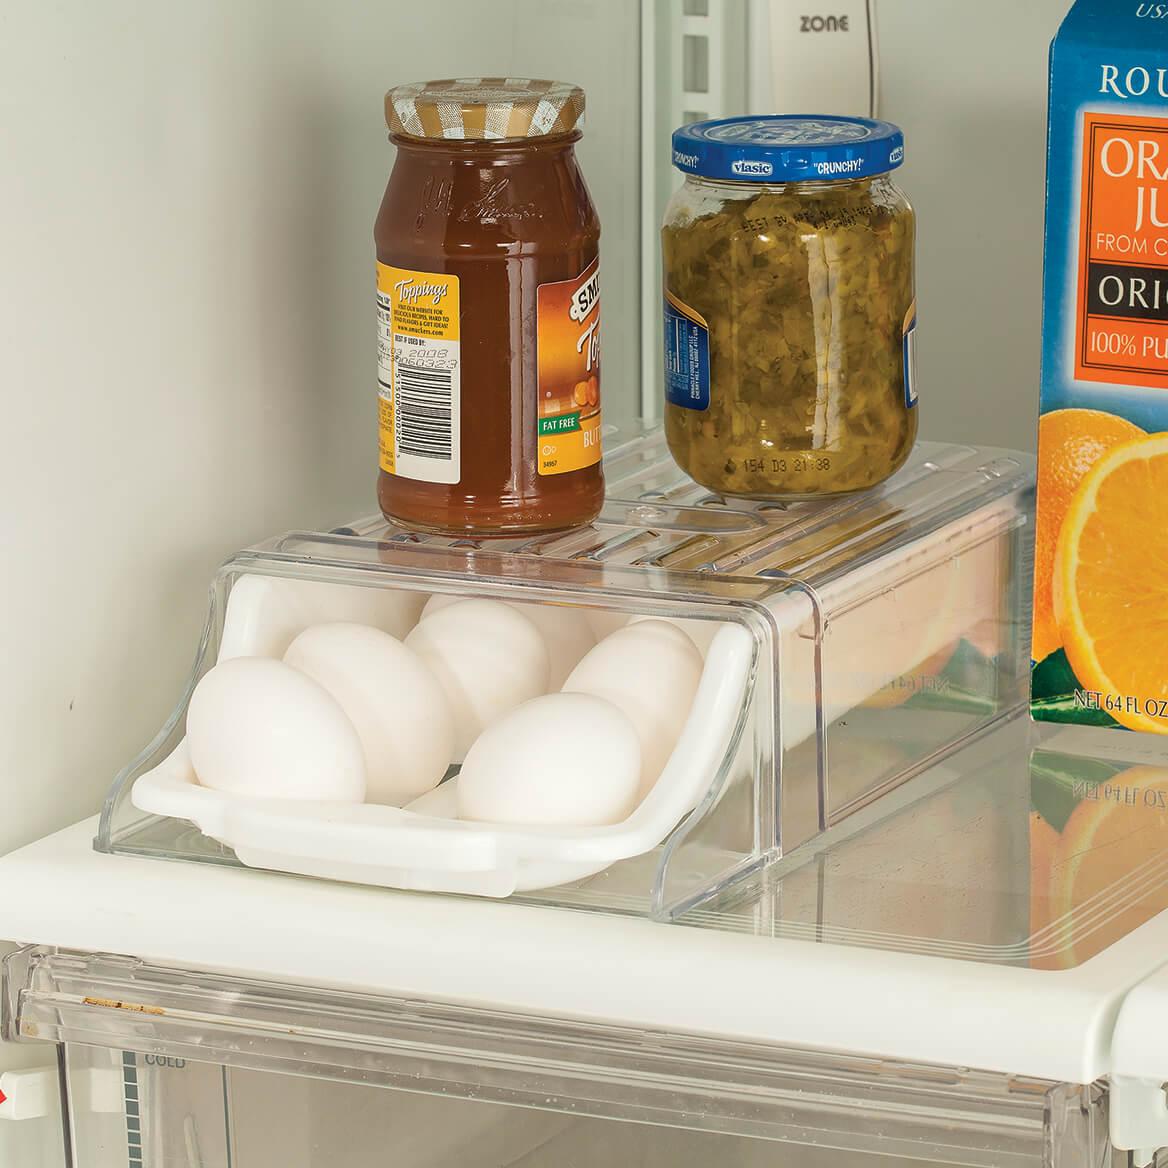 Fridge Egg Drawer with Shelf-362926